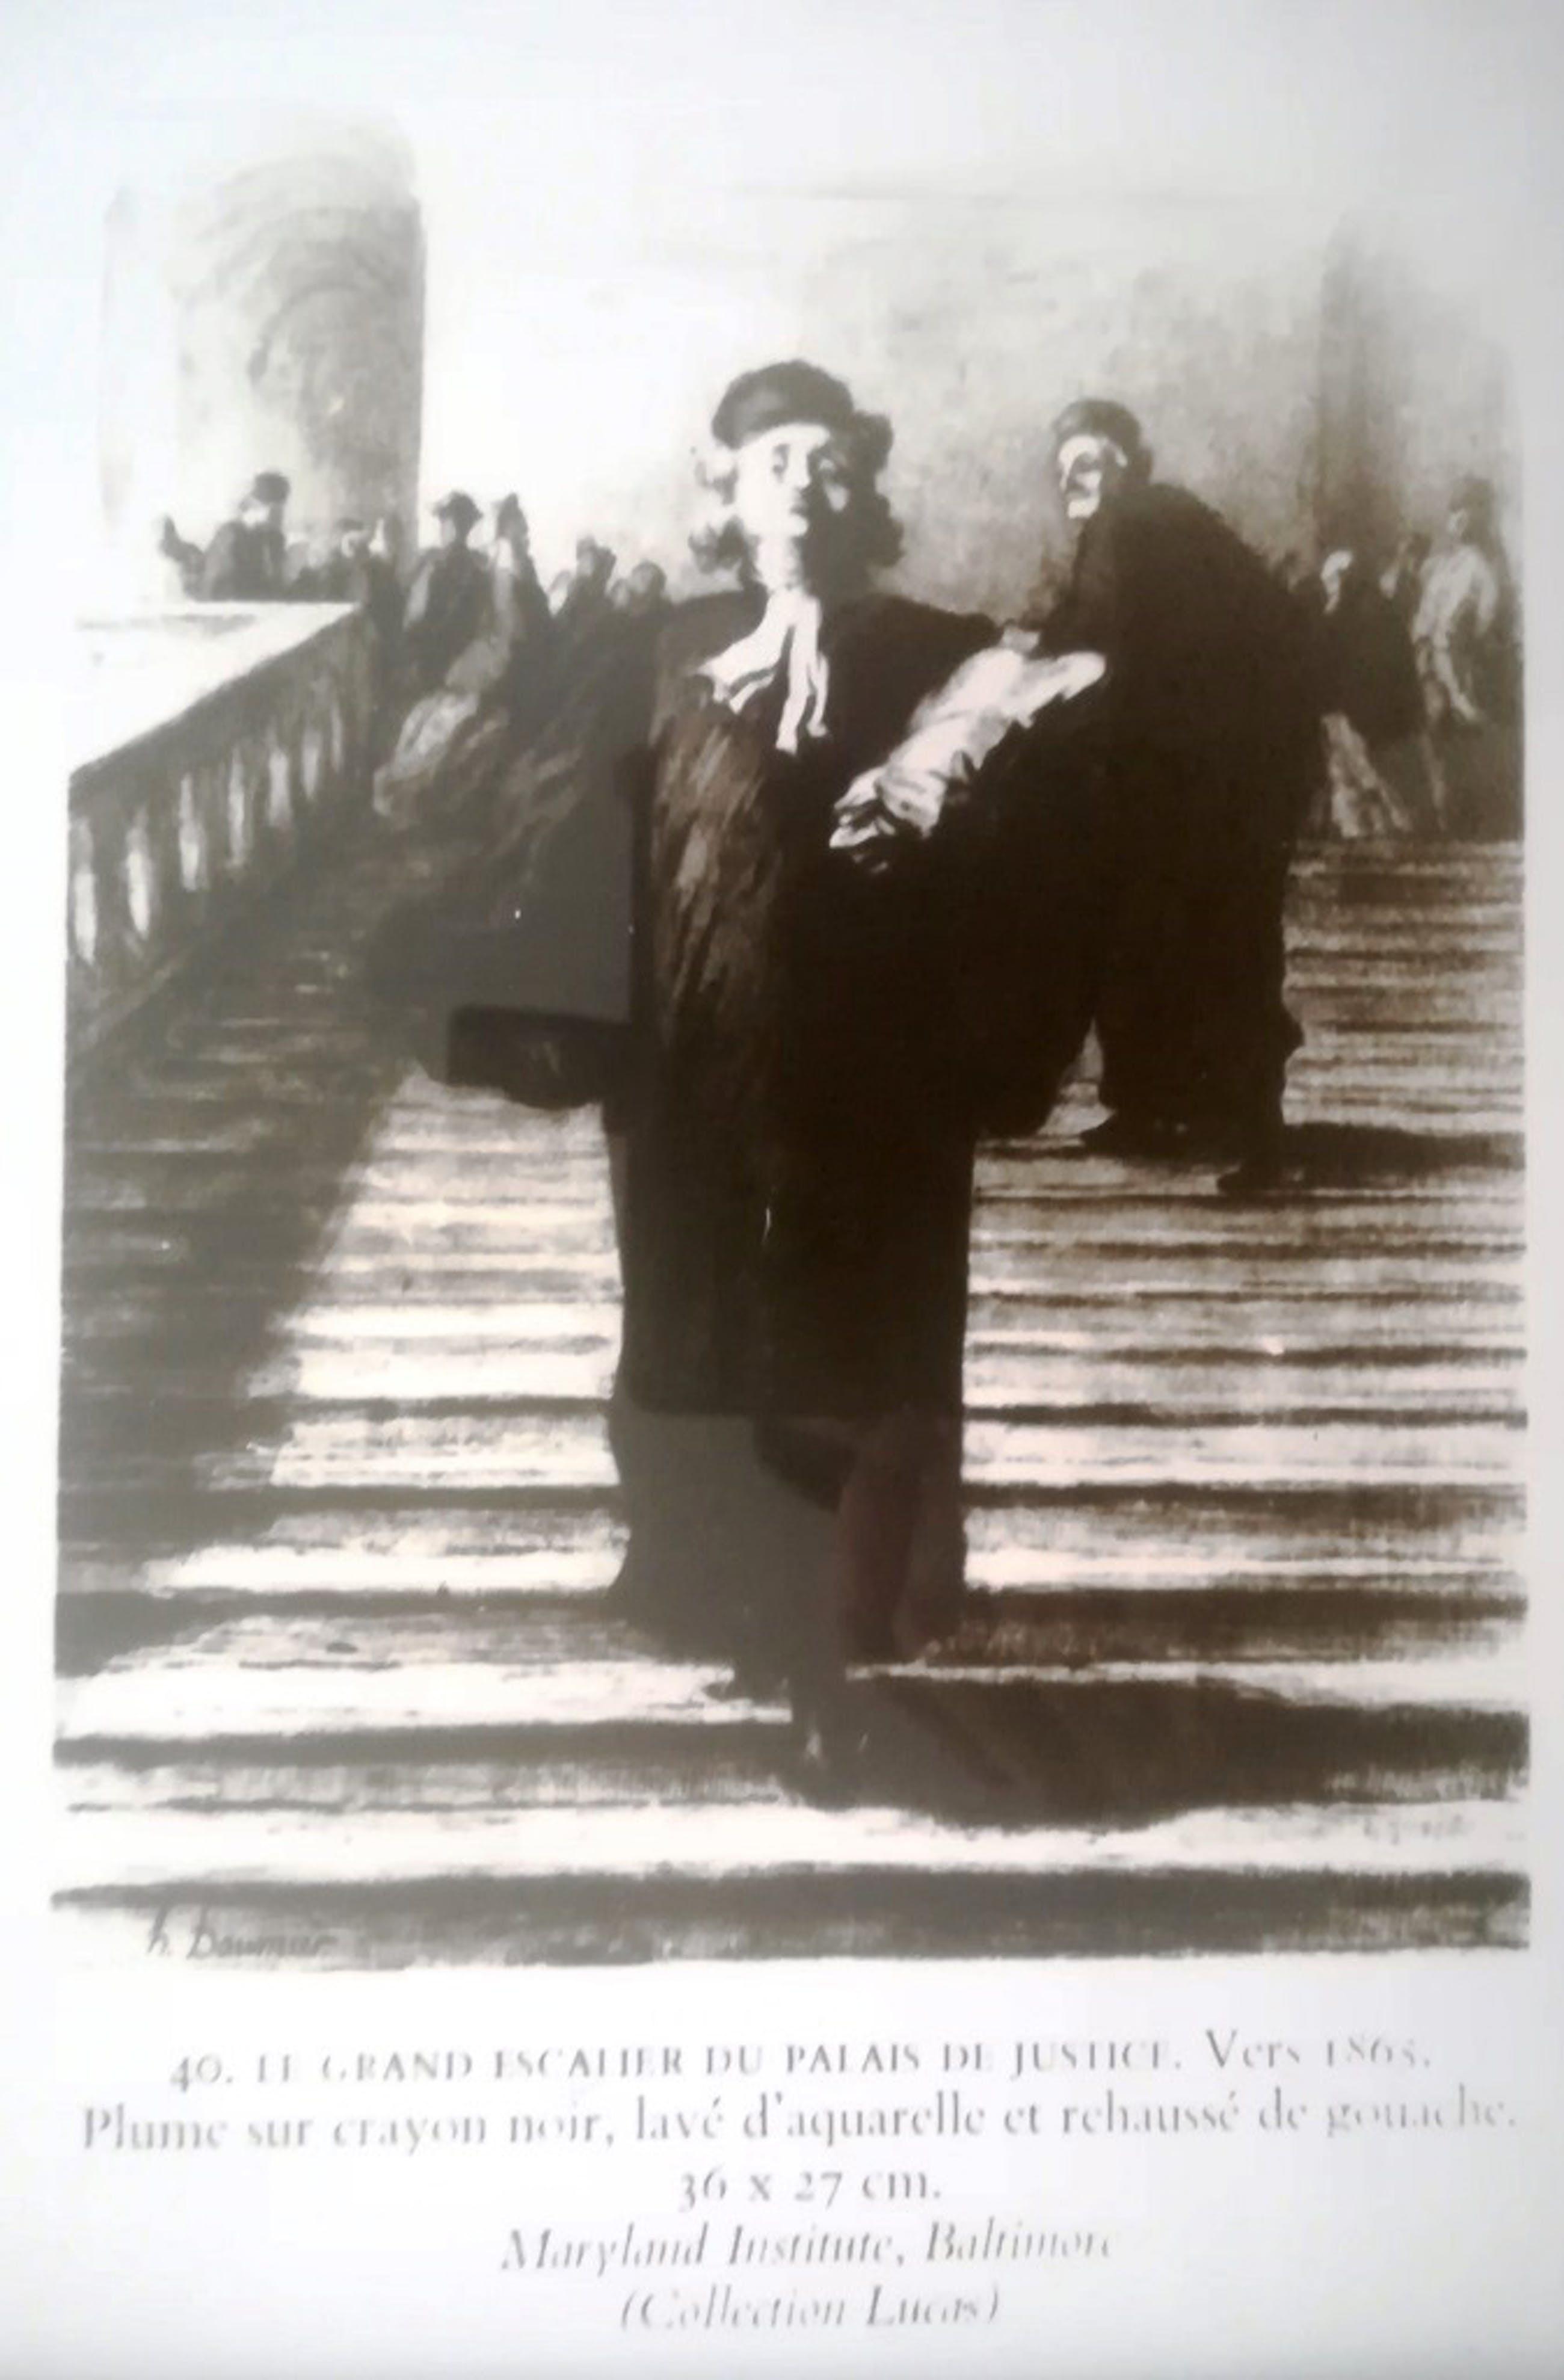 Honore Daumier - Honoré Daumier (1808-1879) | Le grand escalier du palais de justice kopen? Bied vanaf 35!